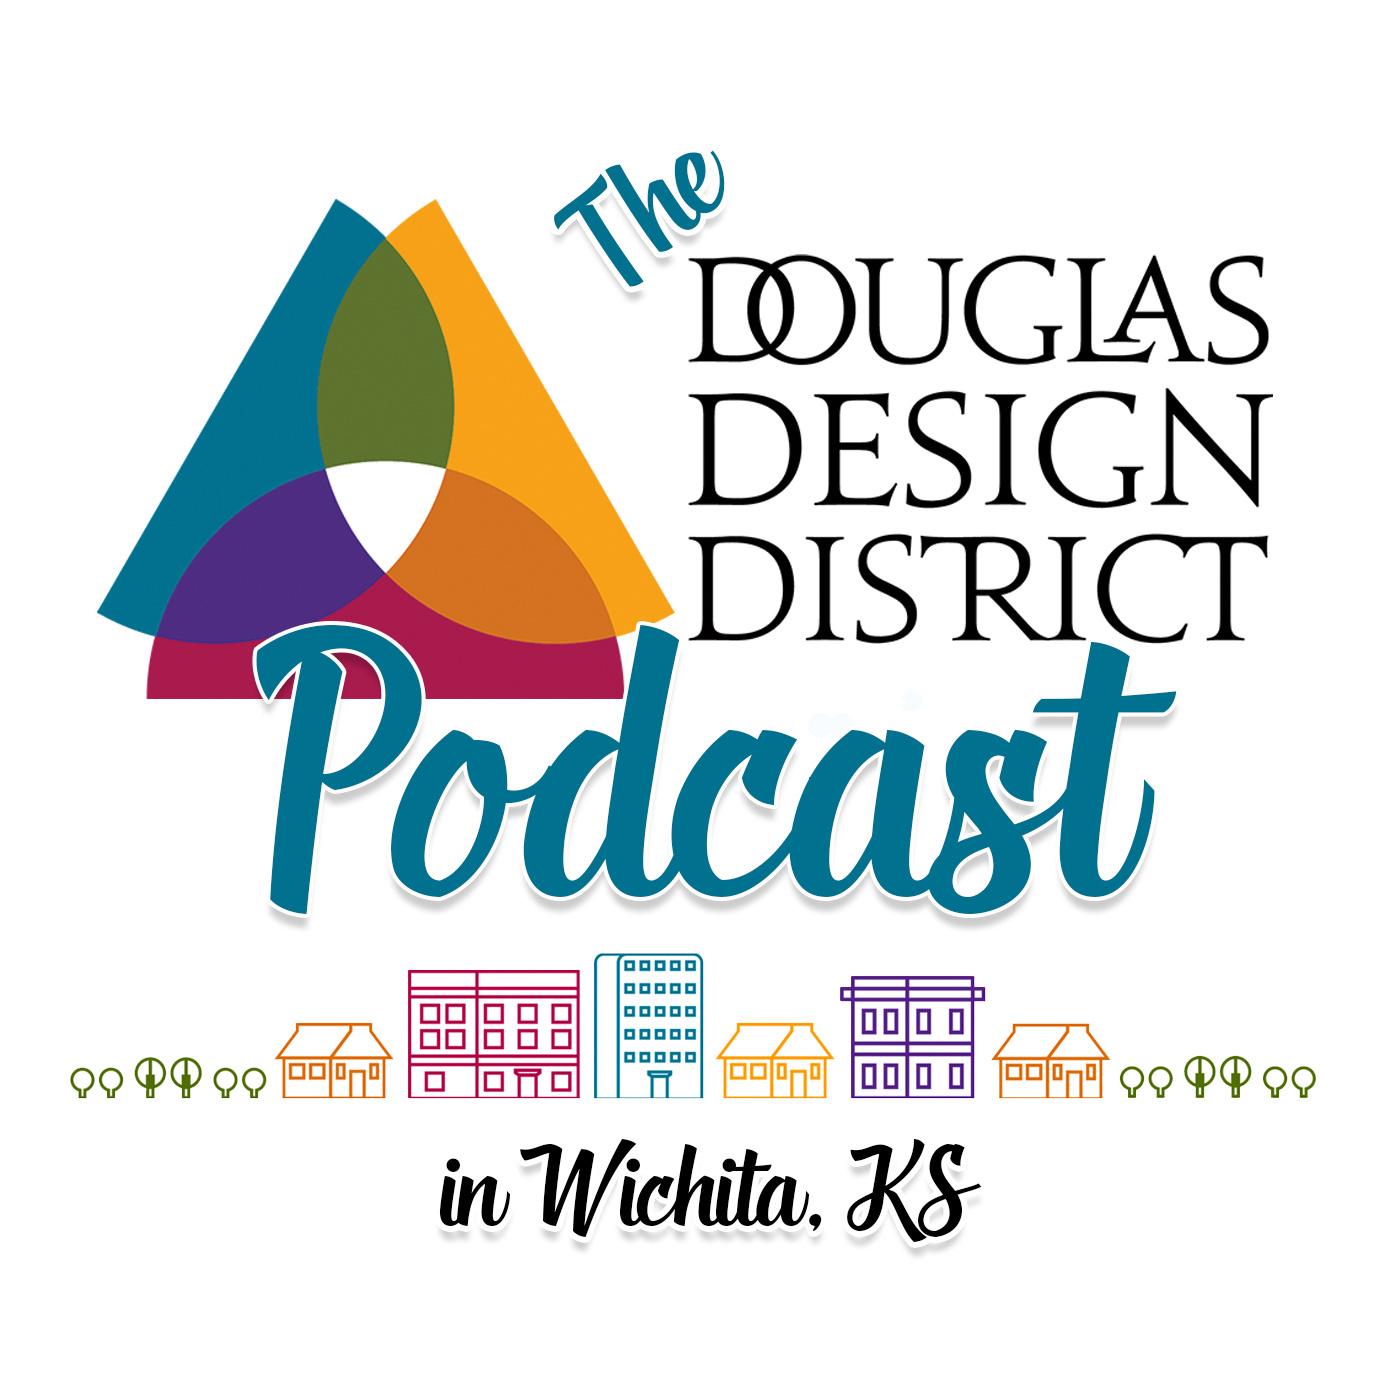 ddd_podcast.jpg